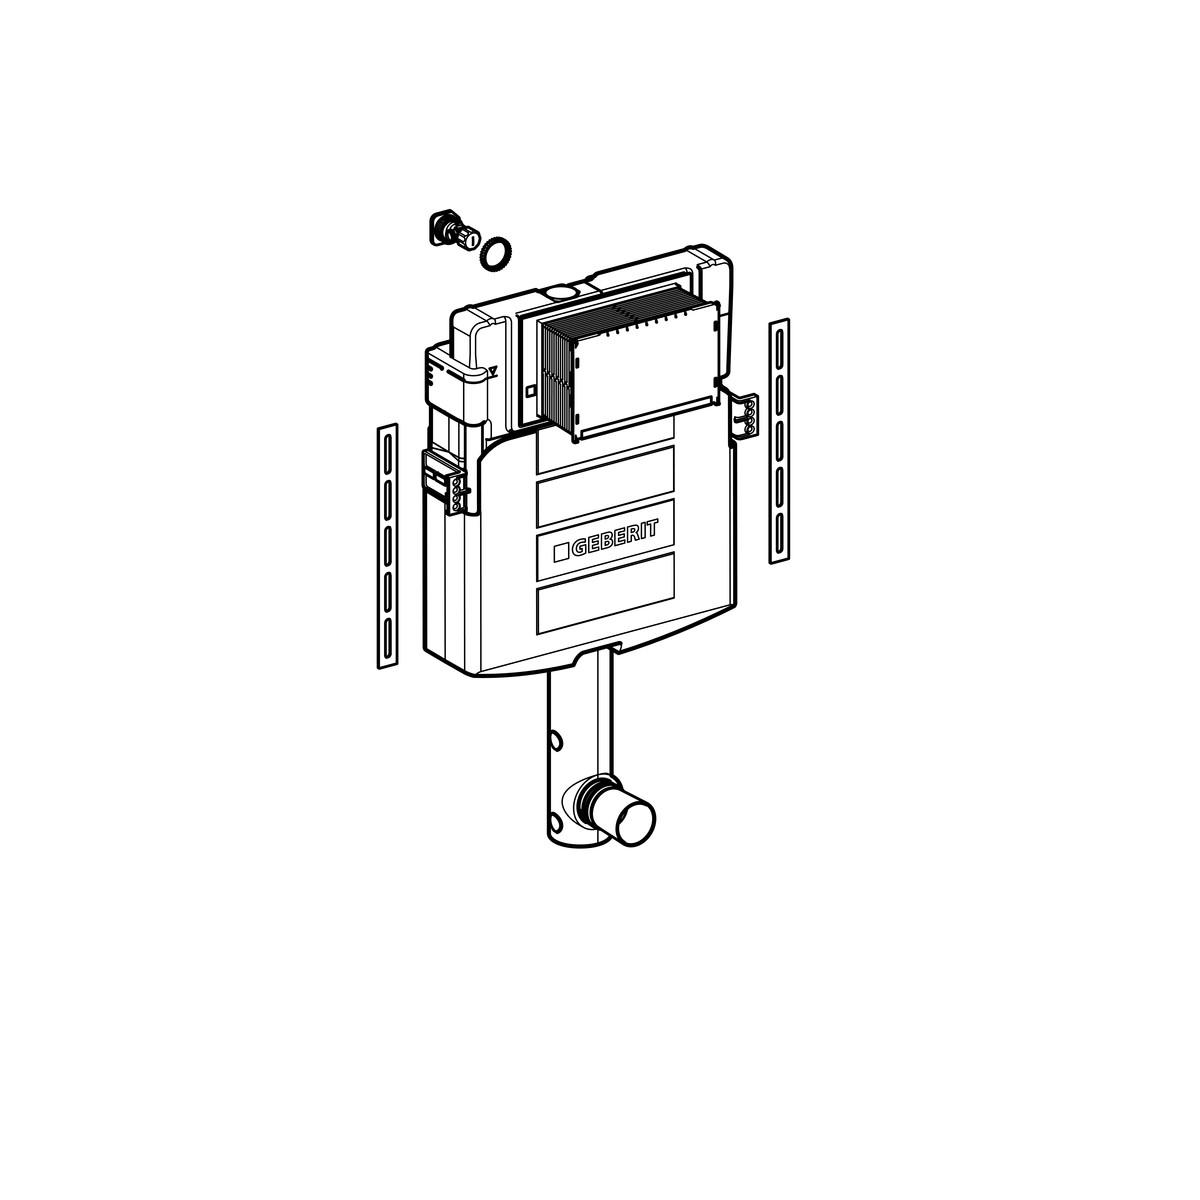 Смывной бачок скрытого монтажа Geberit Sigma 12 см, 6/3 литра